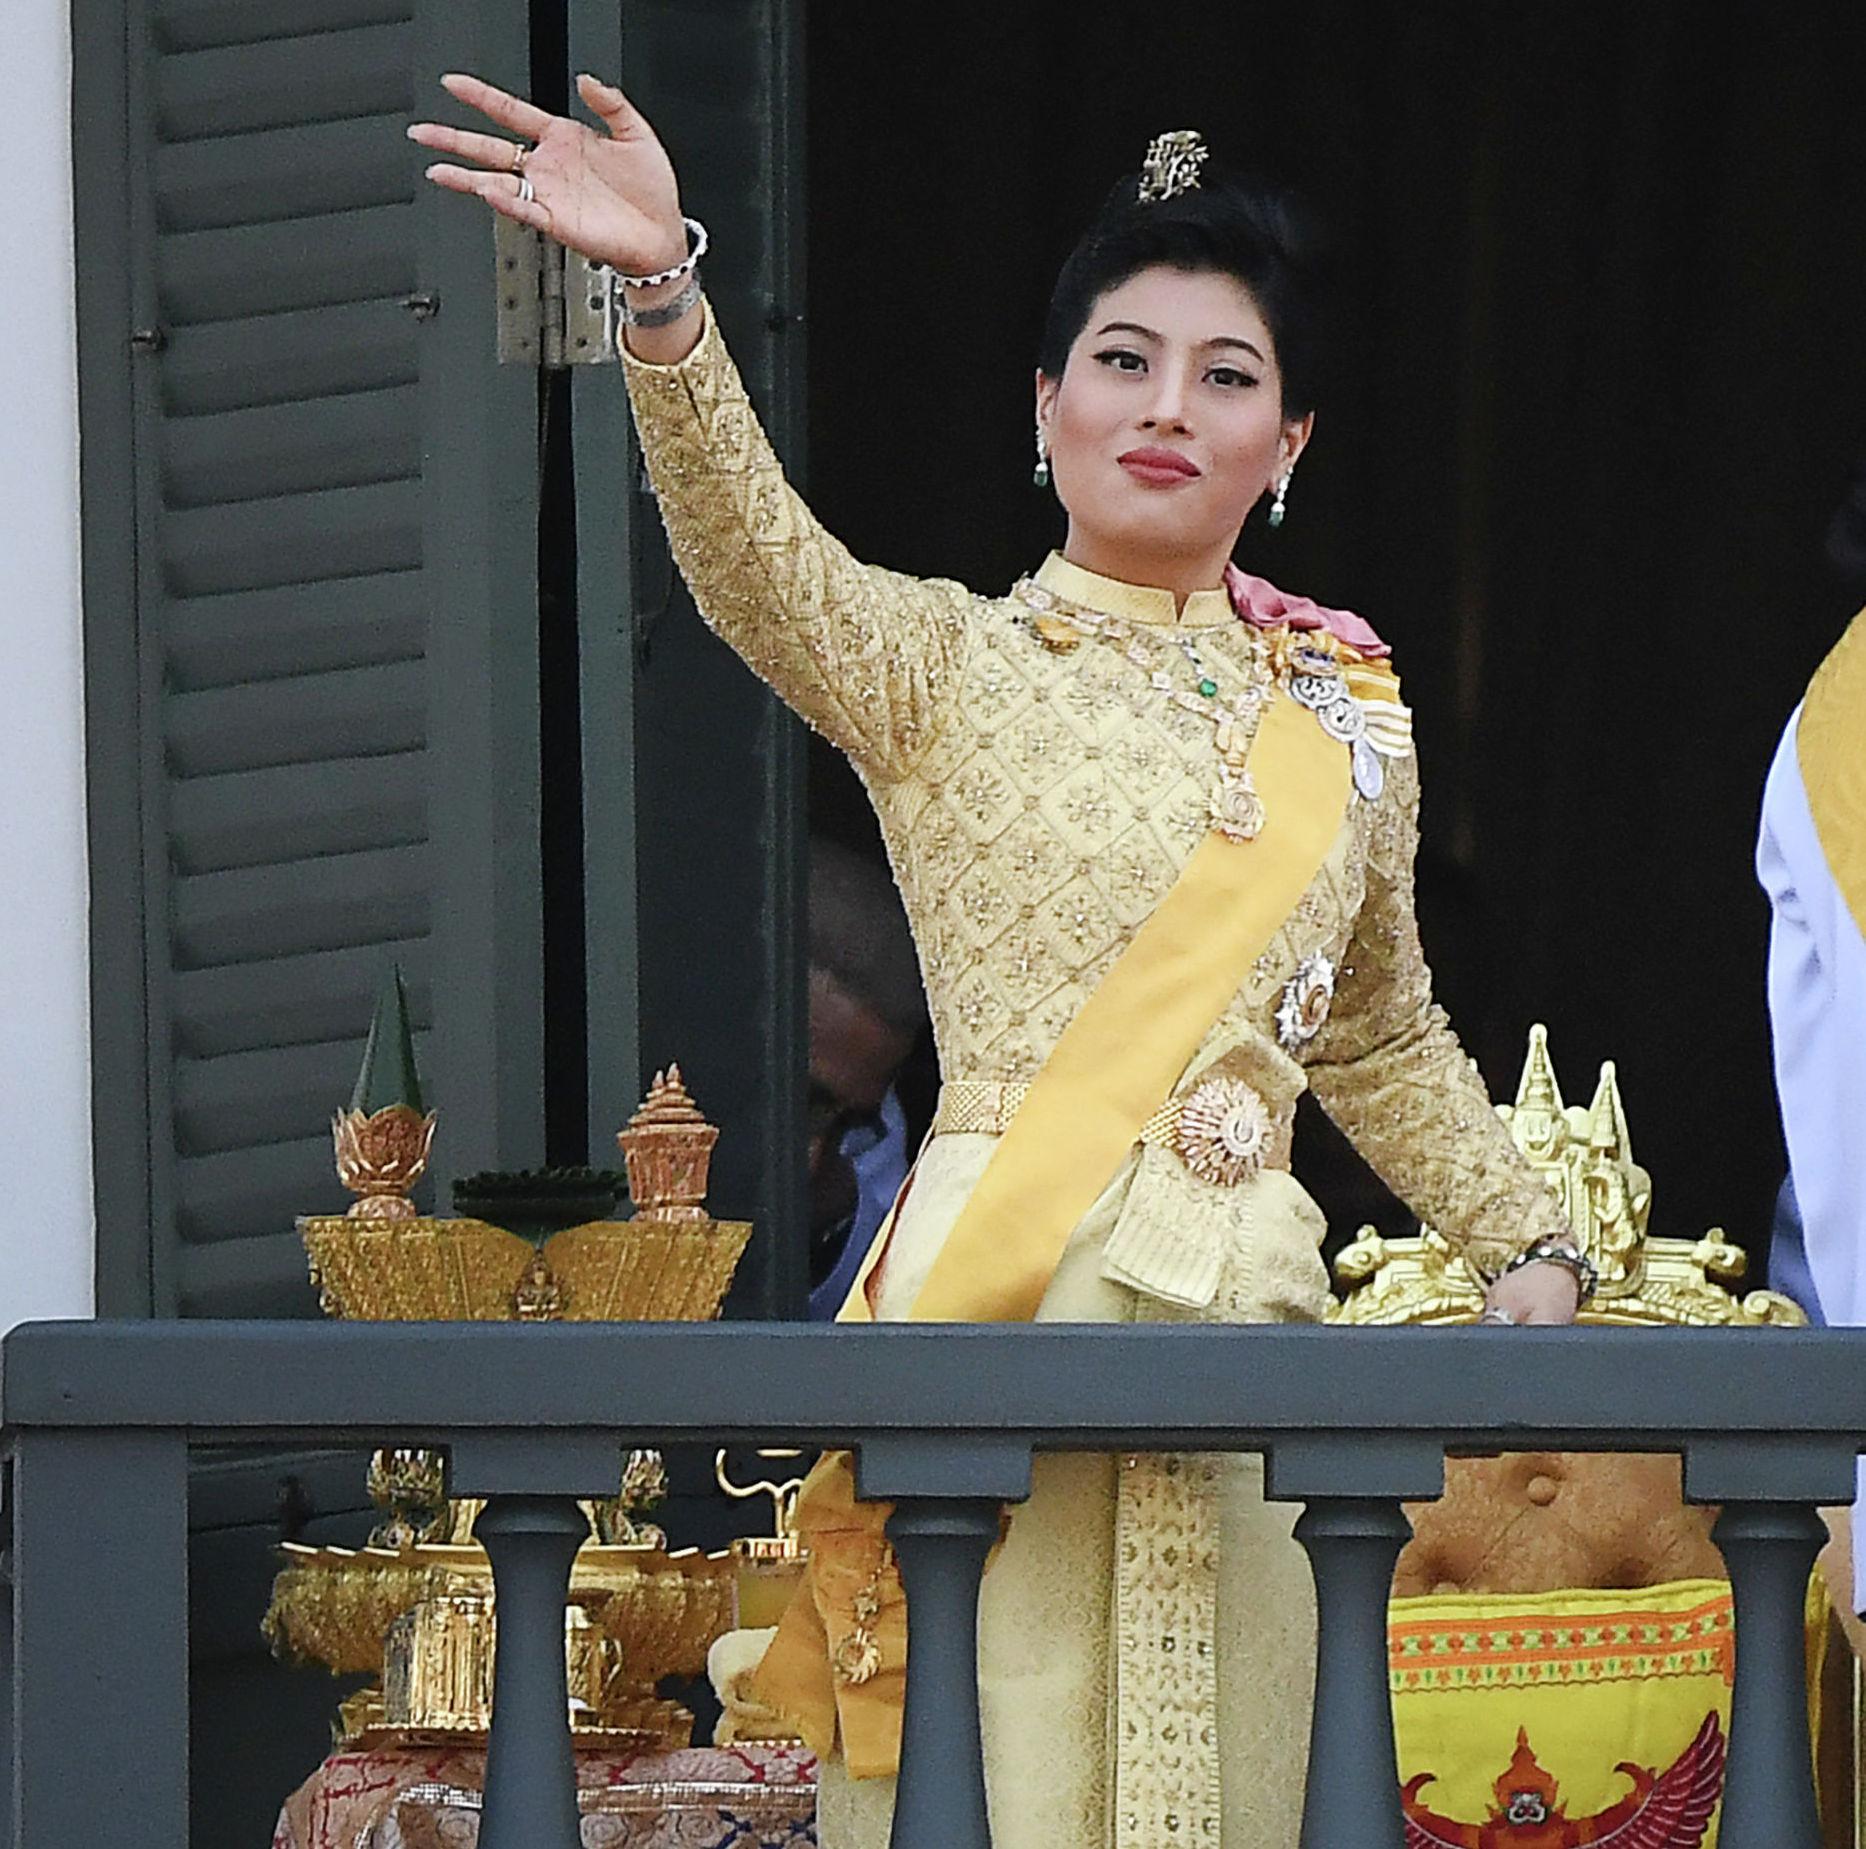 Принцесса Таиланда Сириваннавари Нариратана машет рукой с балкона Суддхайсаварьи Прасад Зал Большого дворца после того, как ее отец, король Таиланда Маха Ваджиралонгкорн, устроил публичную аудиенцию в последний день своей королевской коронации в Бангкоке 6 мая 2019 года.